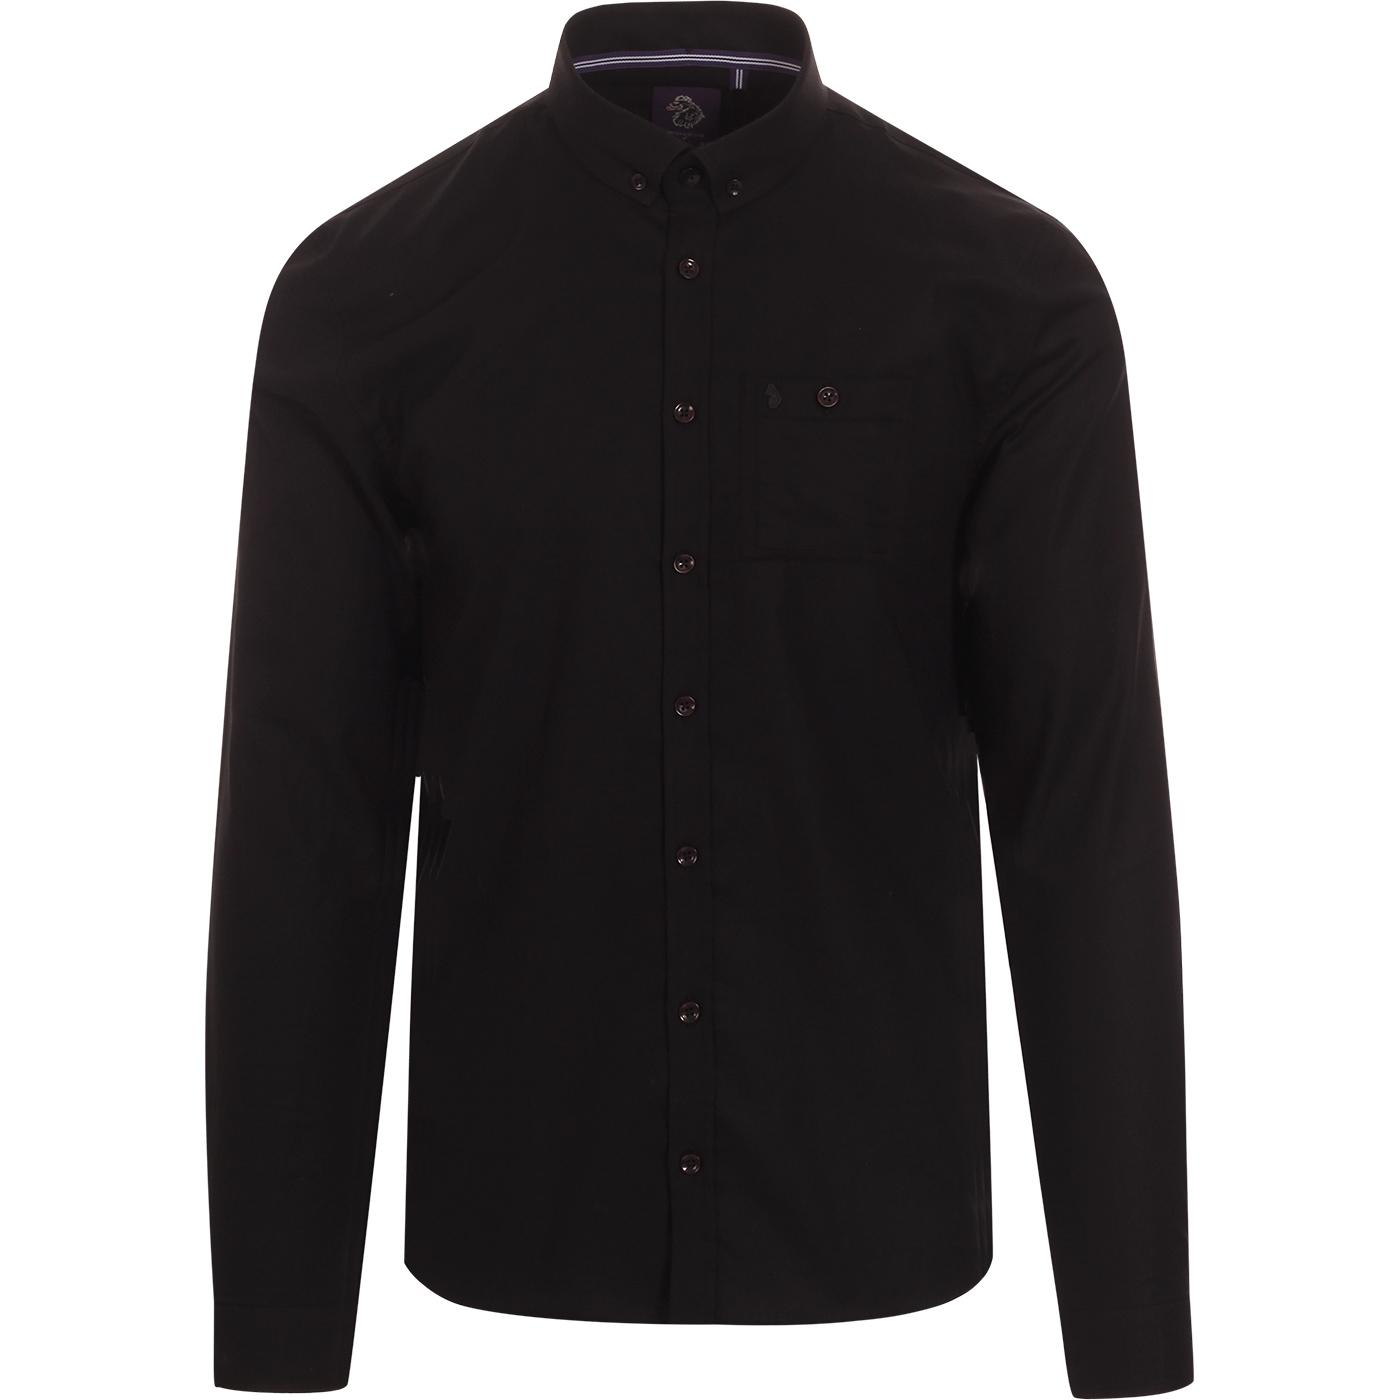 Shirt Happens LUKE Texture Collar Oxford Shirt (B)